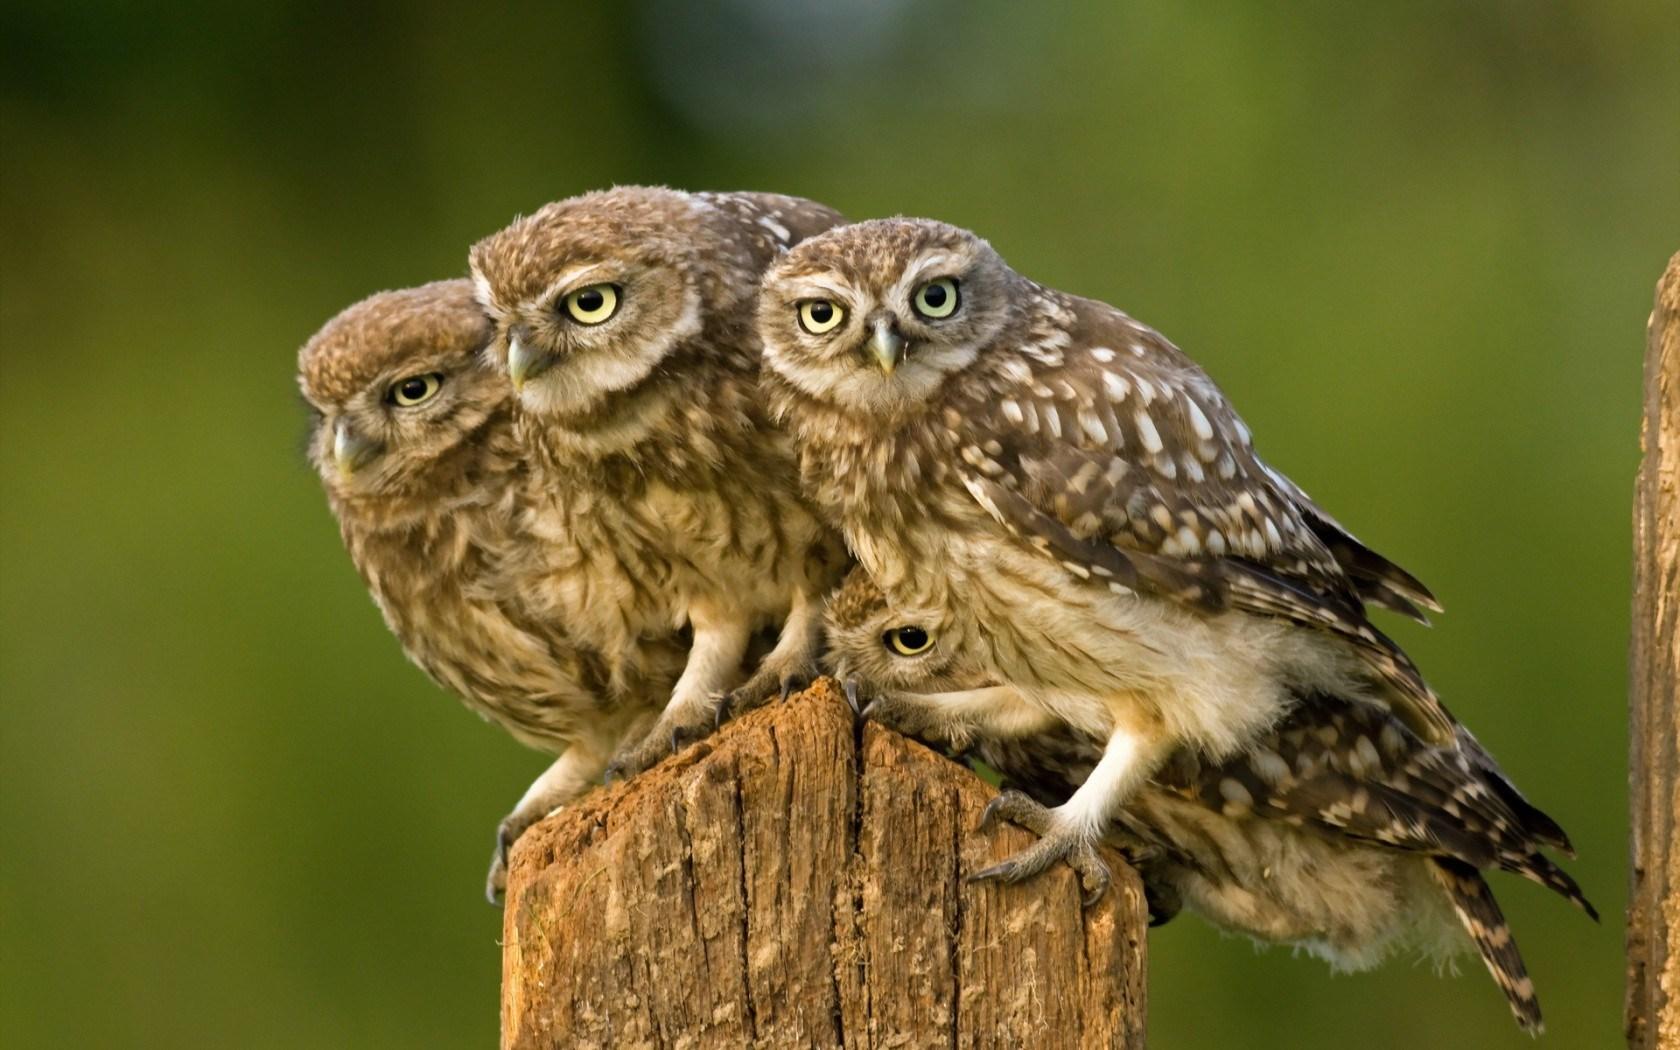 Cute Christmas Owl Desktop Wallpaper Nature Bird Owl Wallpaper 1680x1050 13827